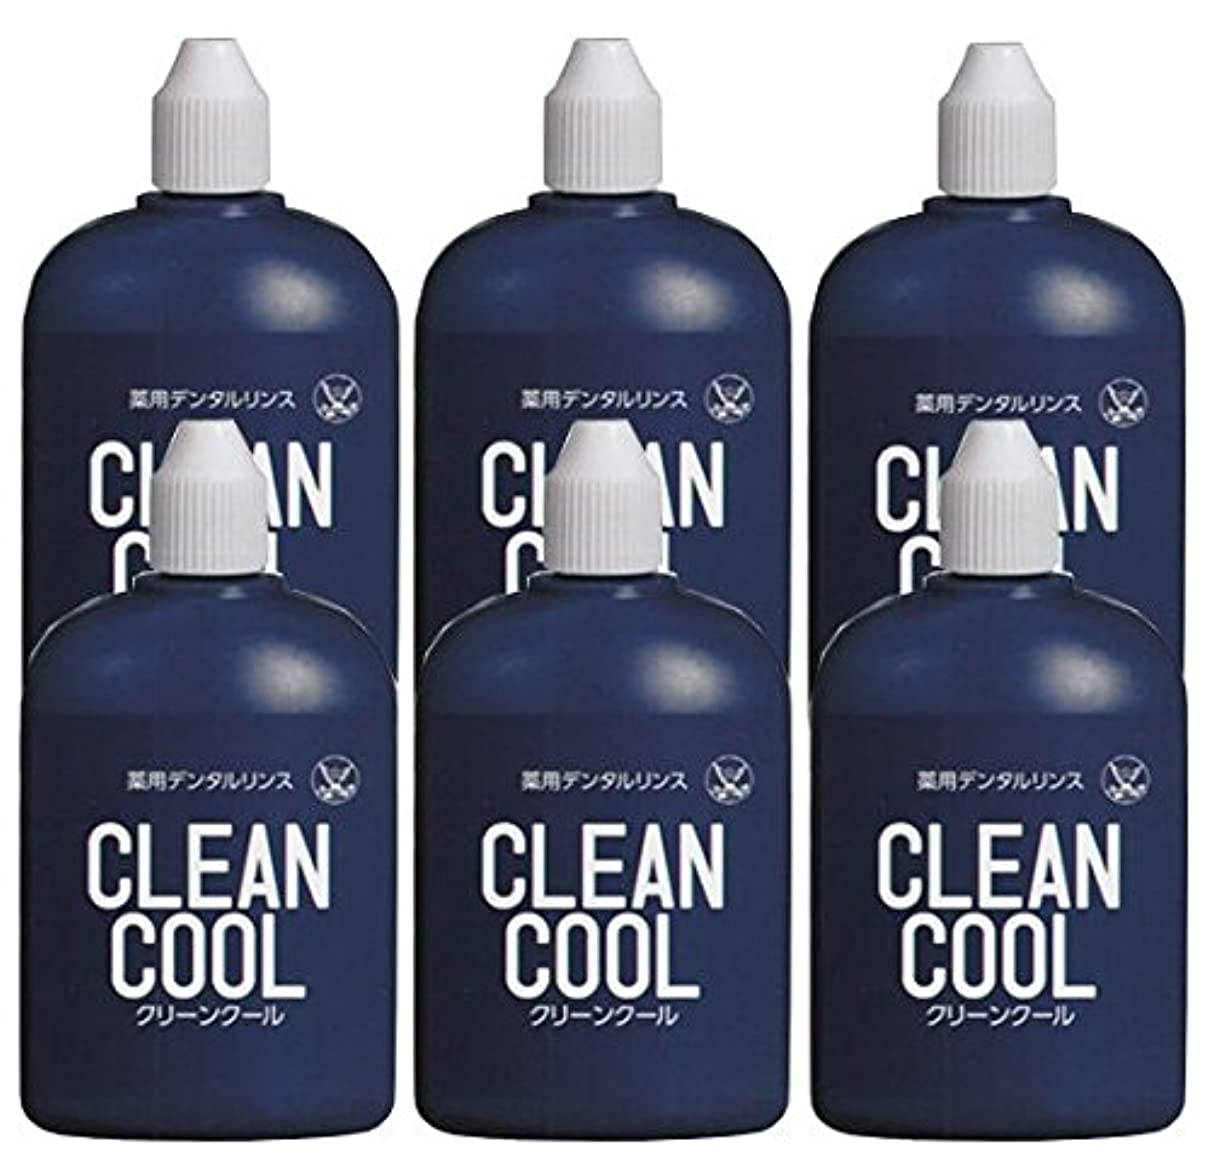 戦術石油すり減る薬用デンタルリンス クリーンクール (CLEAN COOL) 洗口液 100ml × 6個